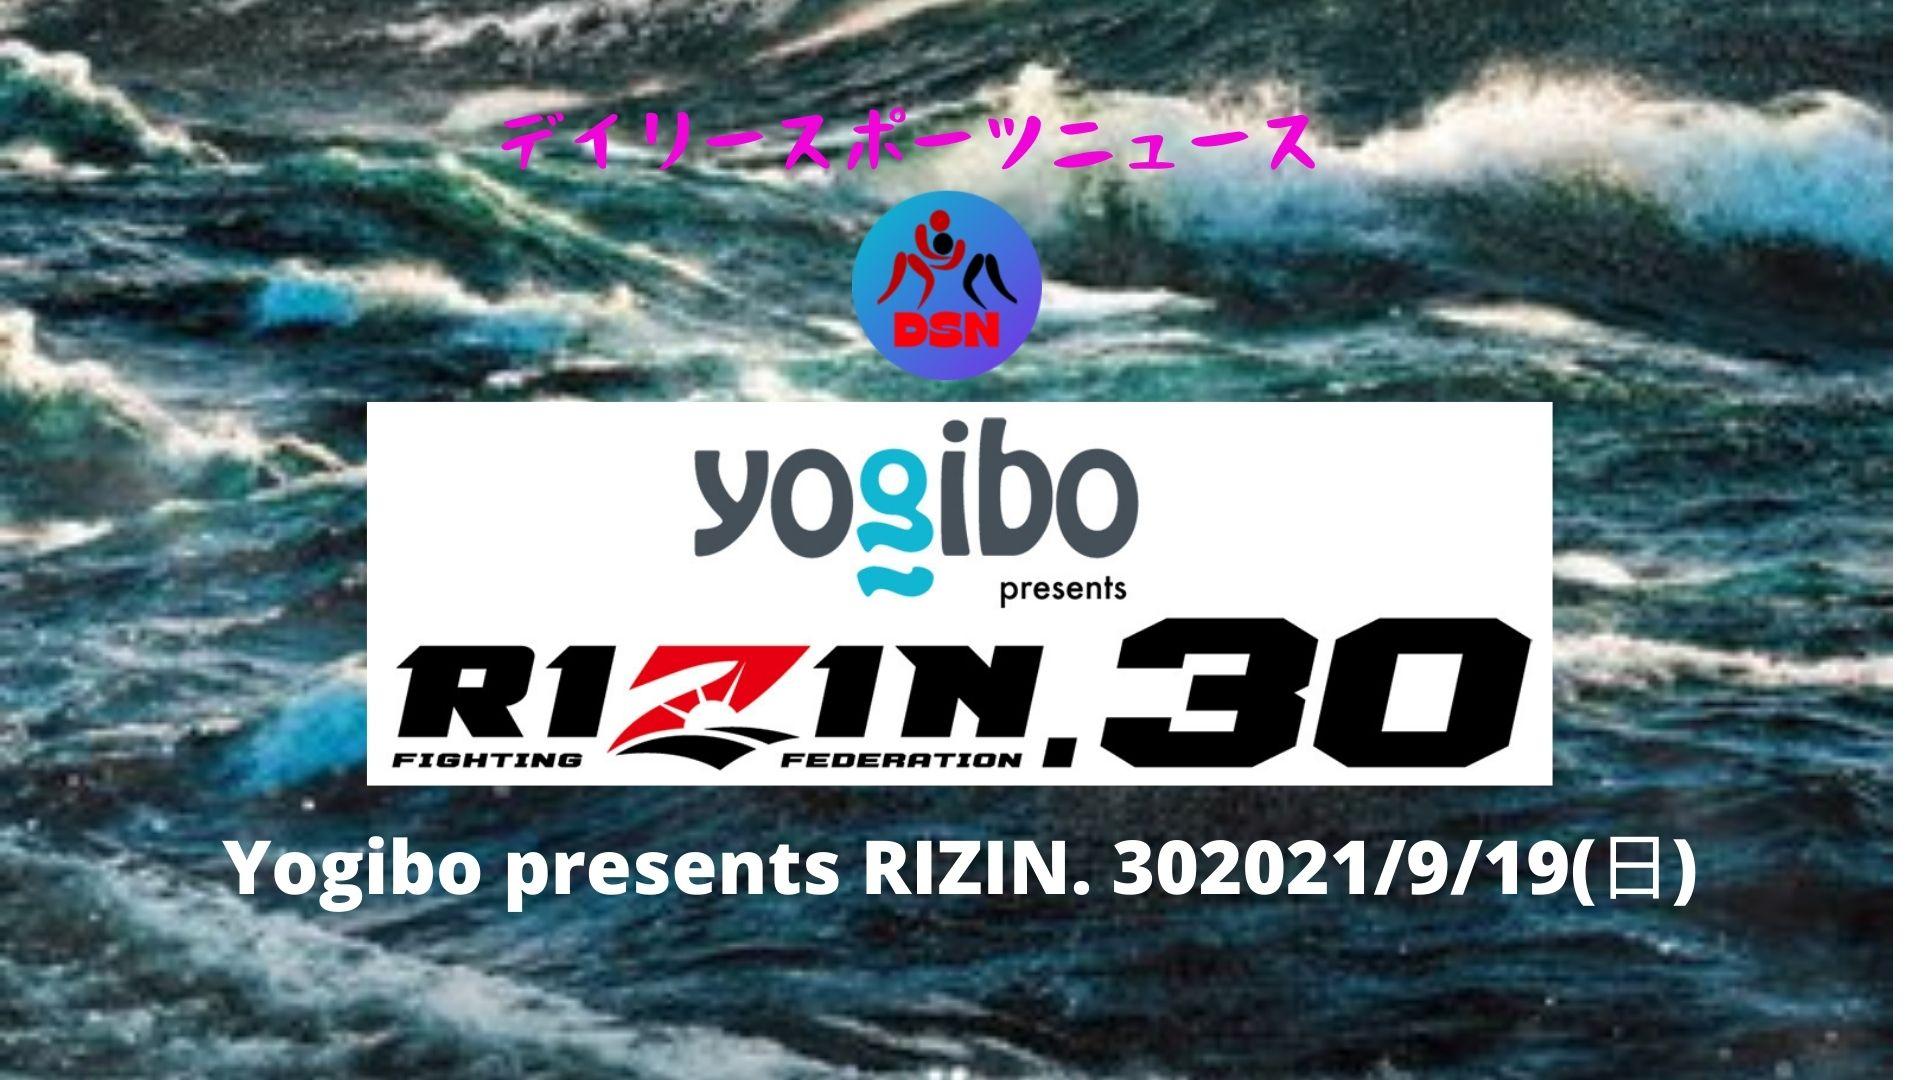 Yogibo presents RIZIN.30 日付、時間、オッズ、テレビ、生中継!